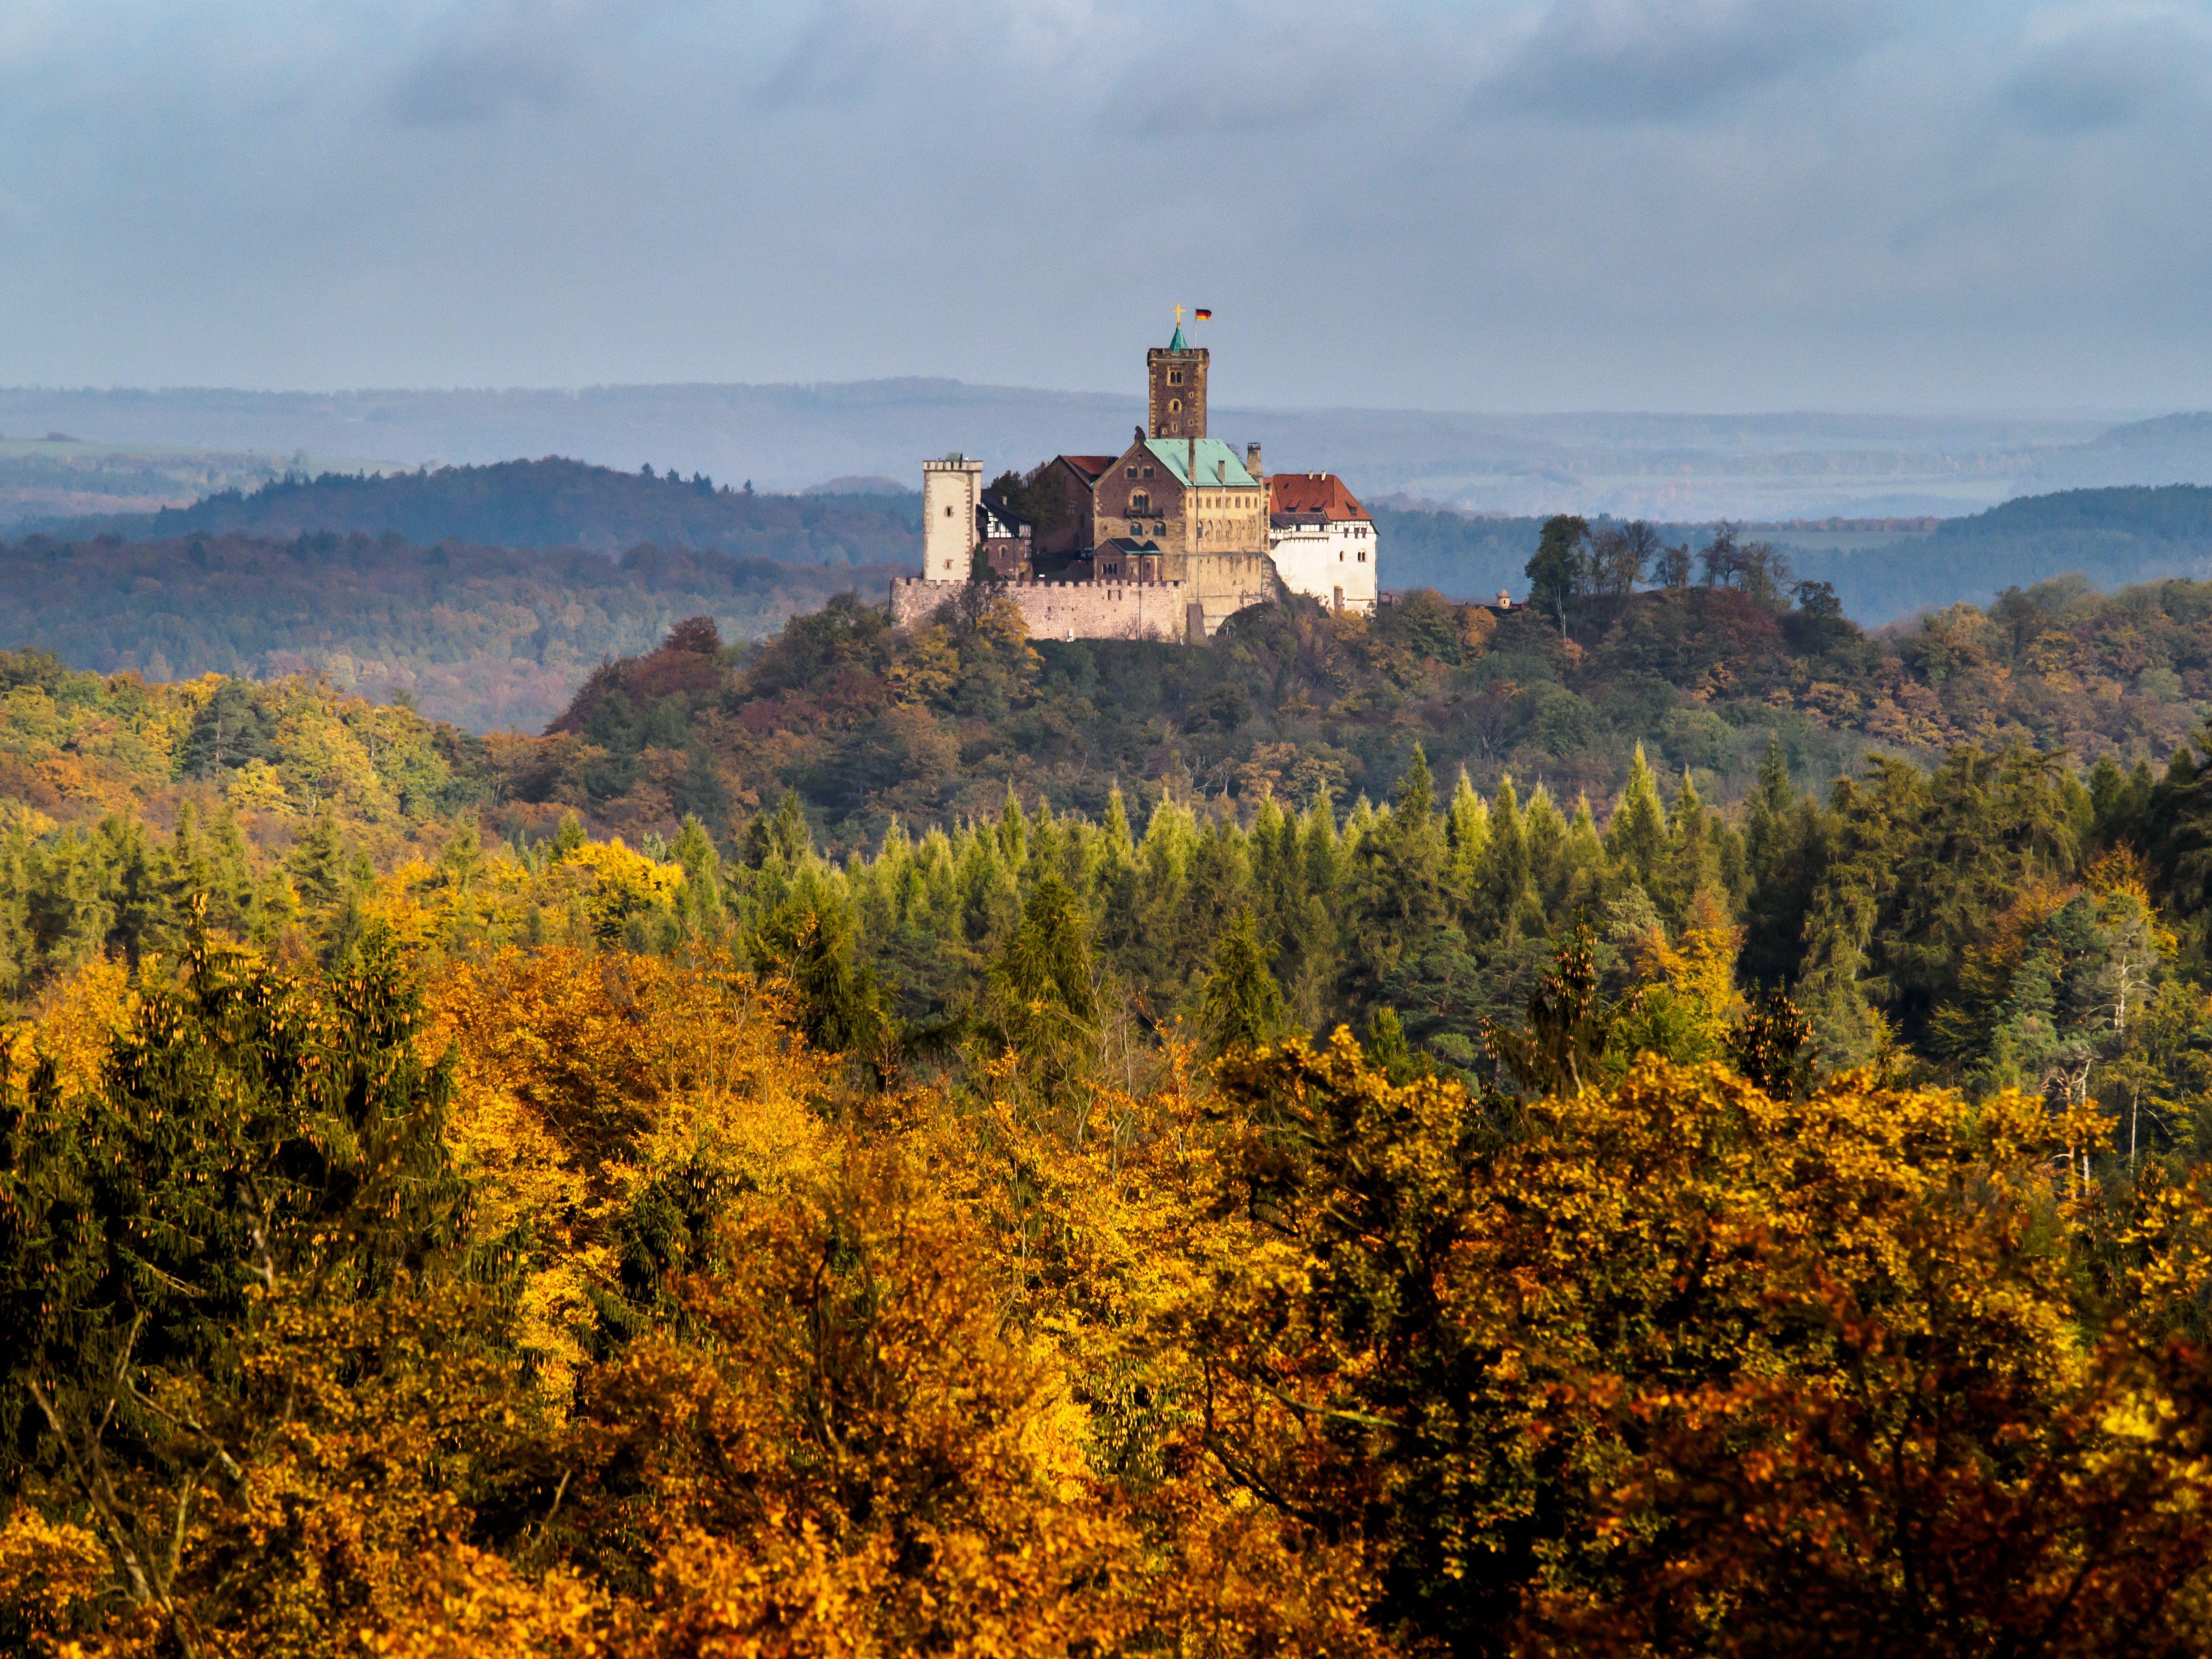 Blick Von Der Hohen Sonne Auf Dem Rennsteig Nahe Eisenach Auf Die Wartburg Foto Sascha Willms Burgen Und Schlosser Burg Thuringen